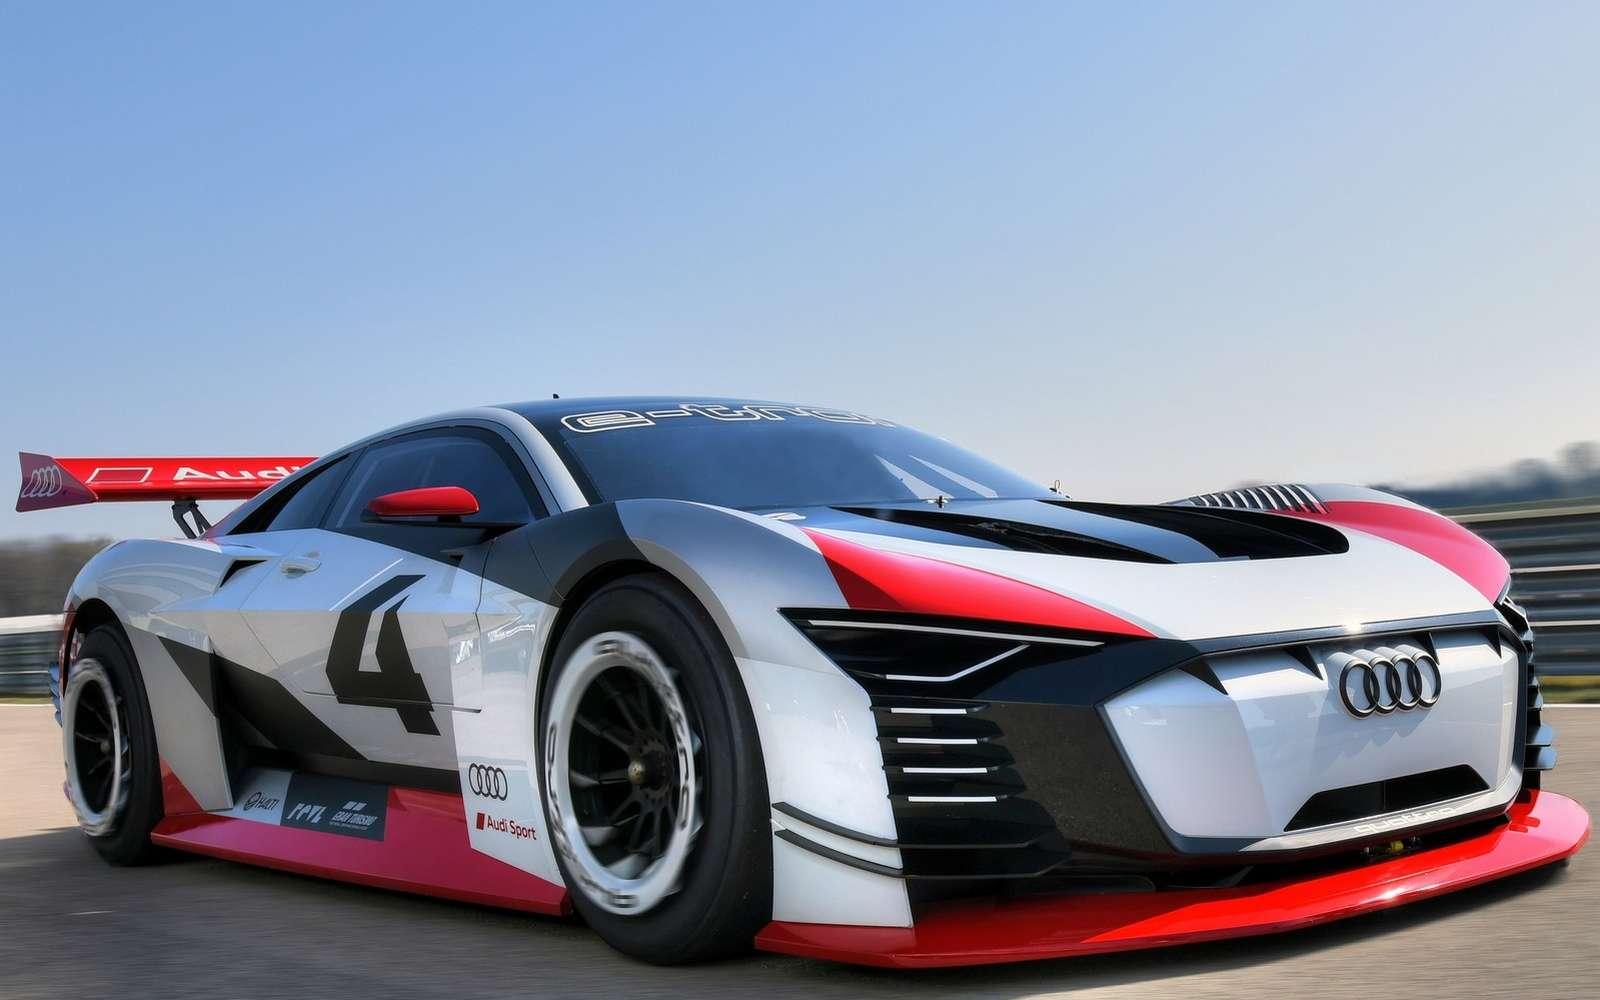 Le concept de supercar électrique Audi e-tron Vision Gran Turismo. © Audi